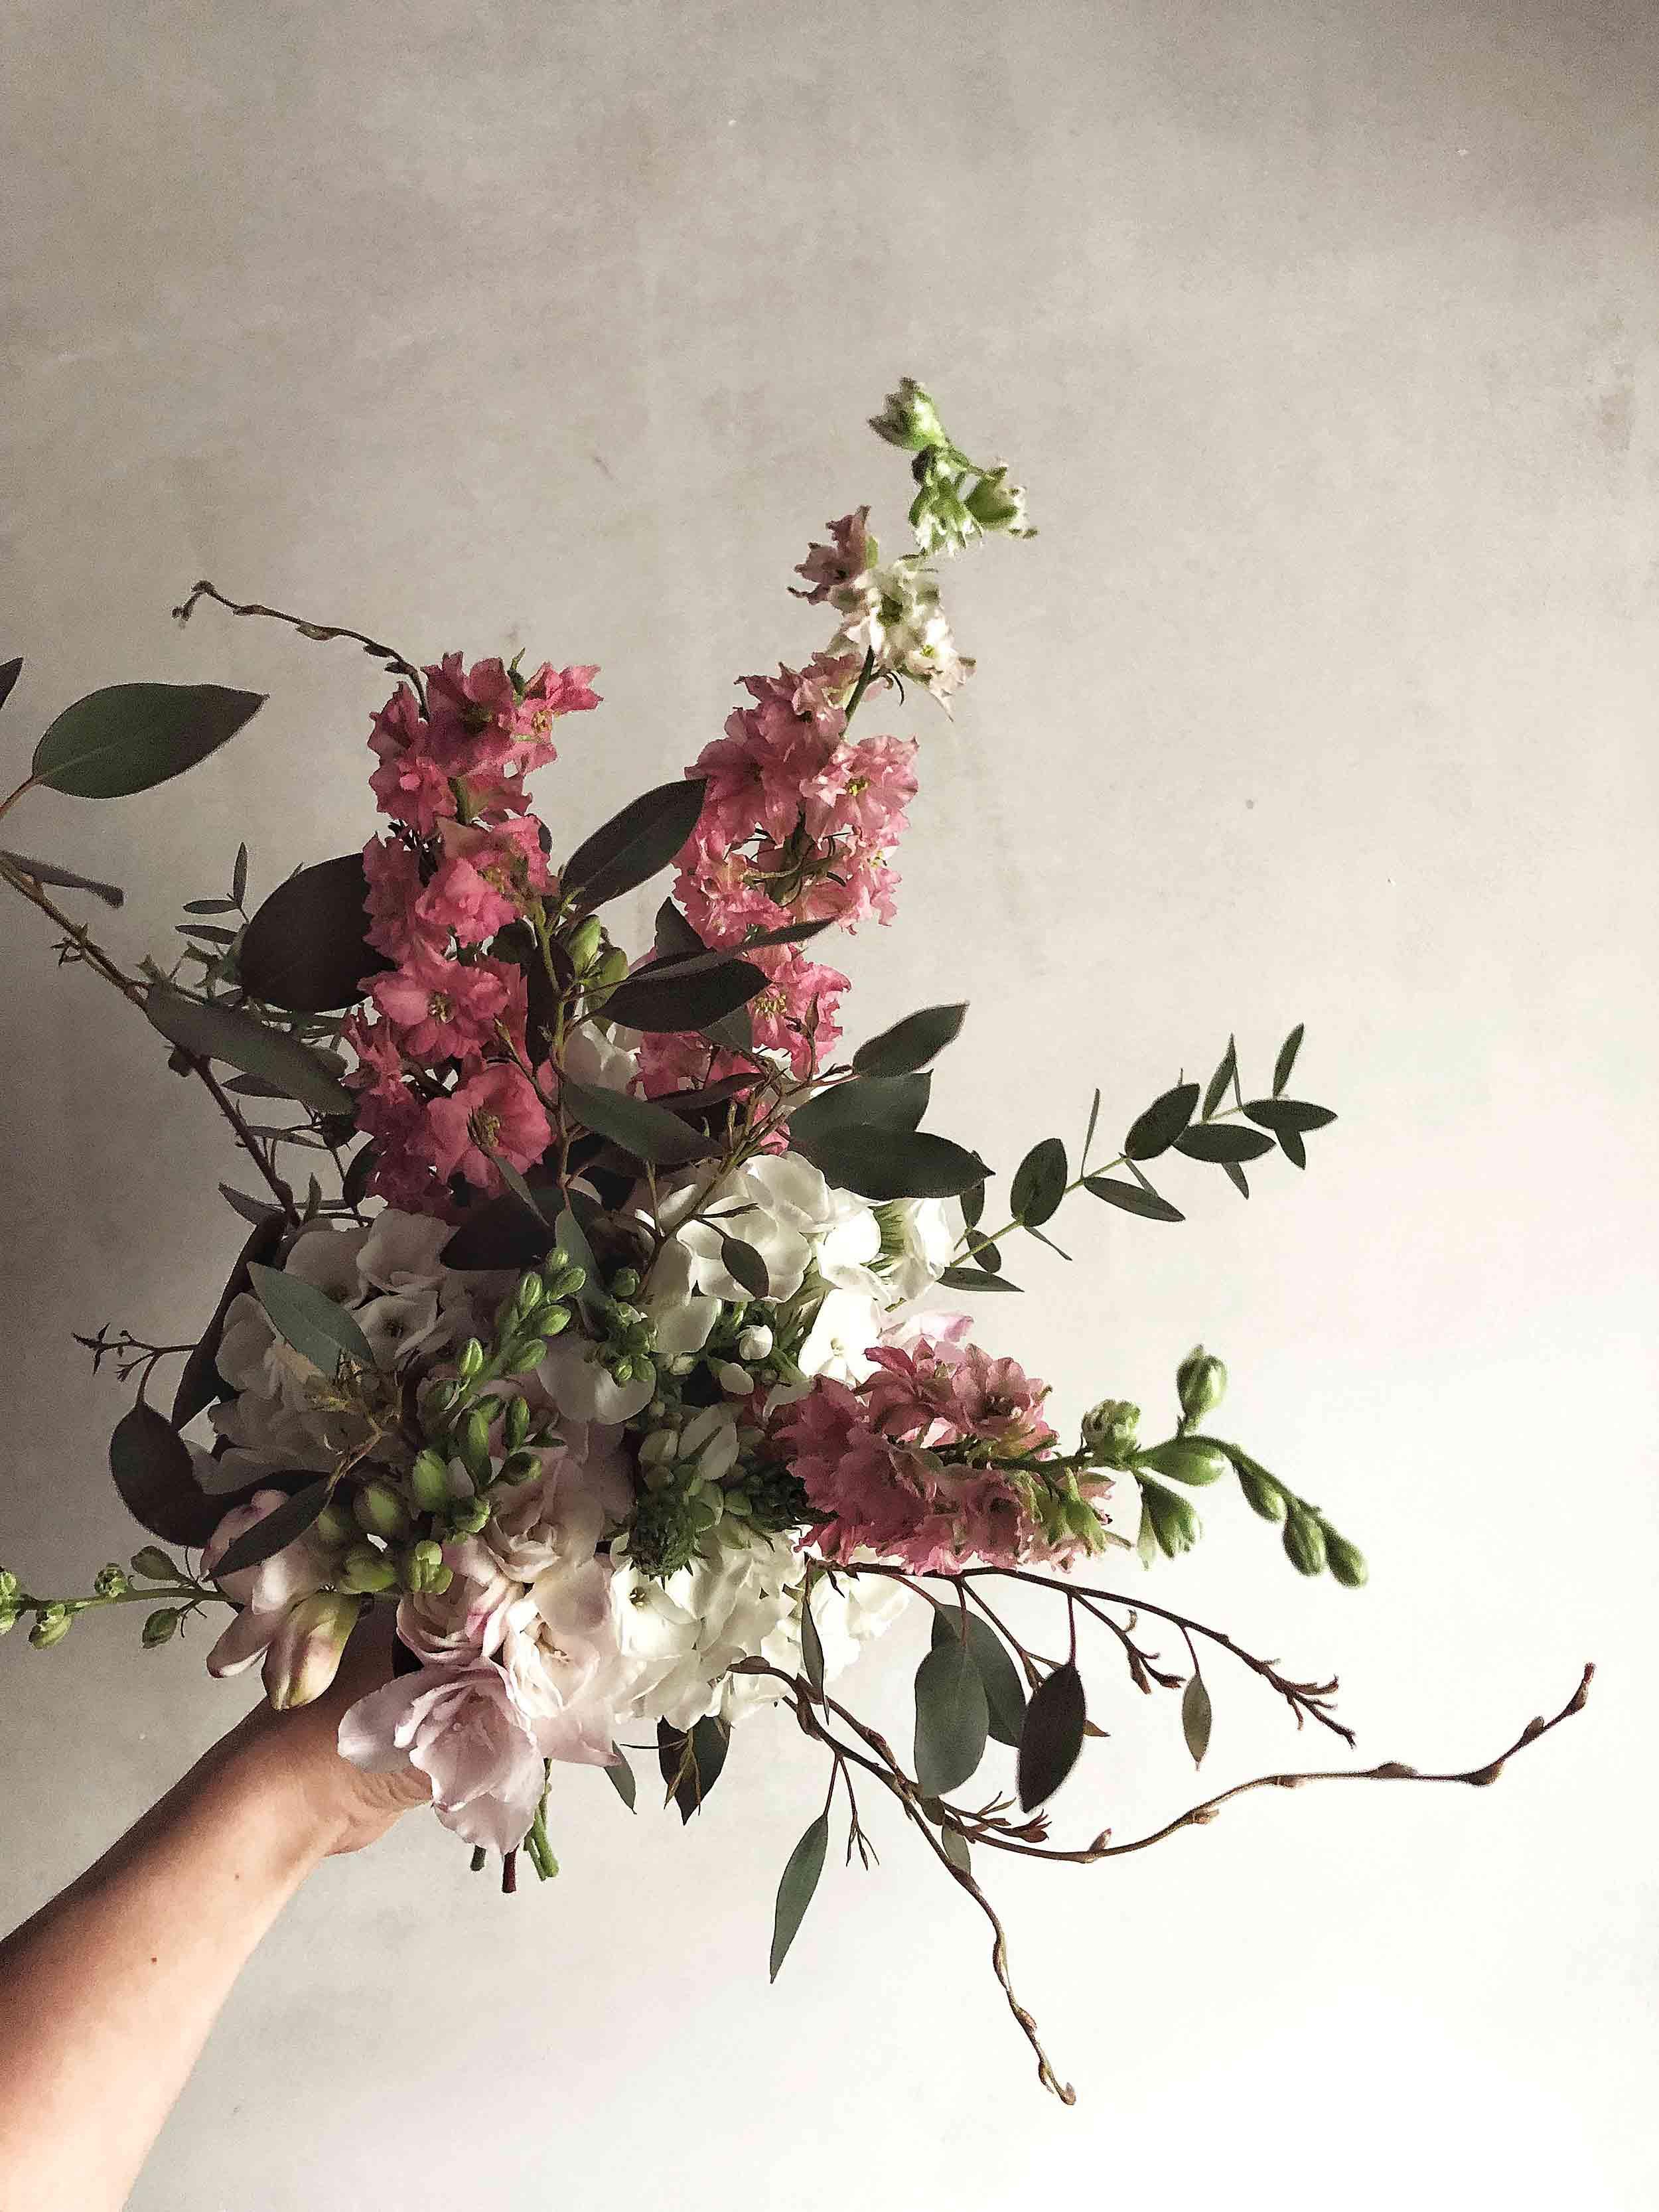 lunaria_wedding_flowers_somerset_UK_41.jpg